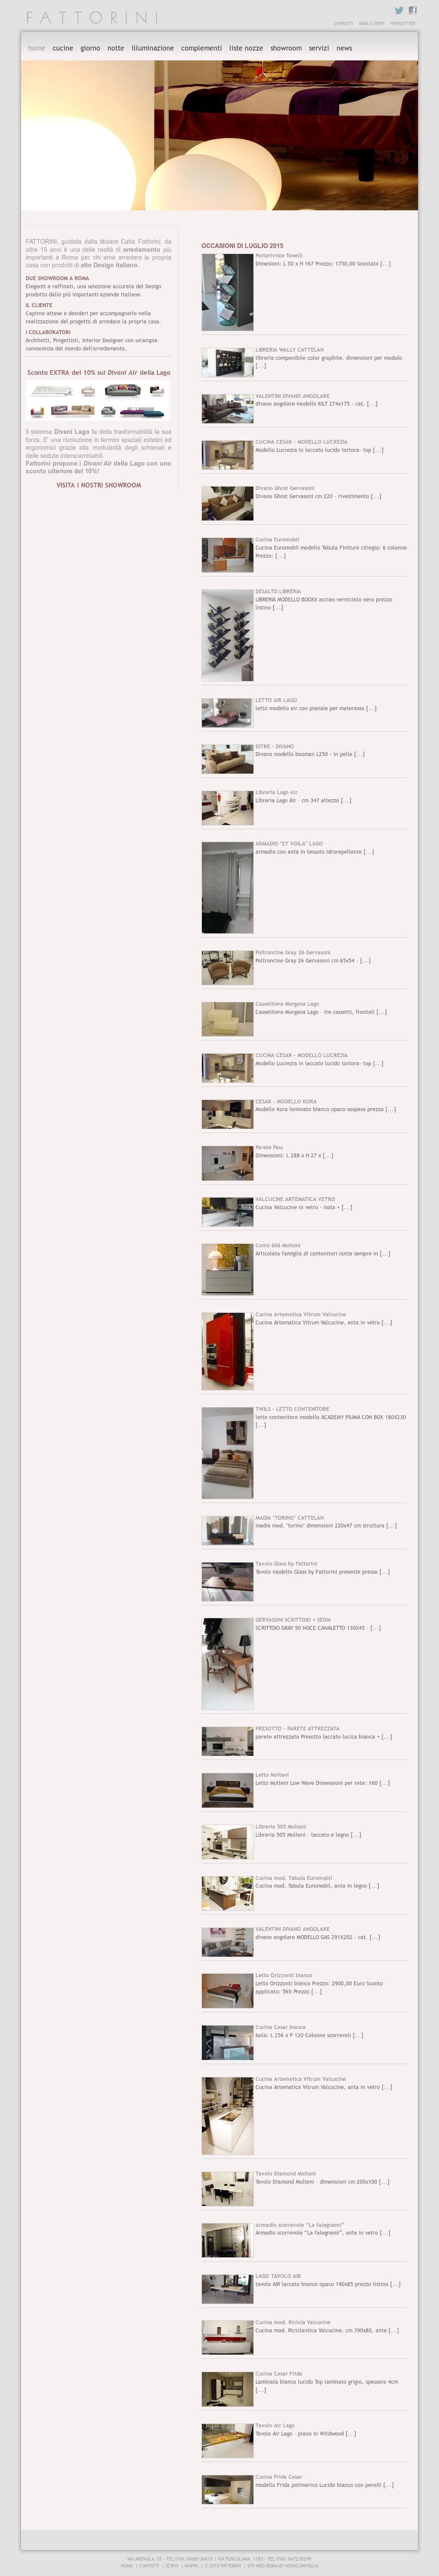 Cucina Con Vetrata Scorrevole by fattorini competitors, revenue and employees - owler